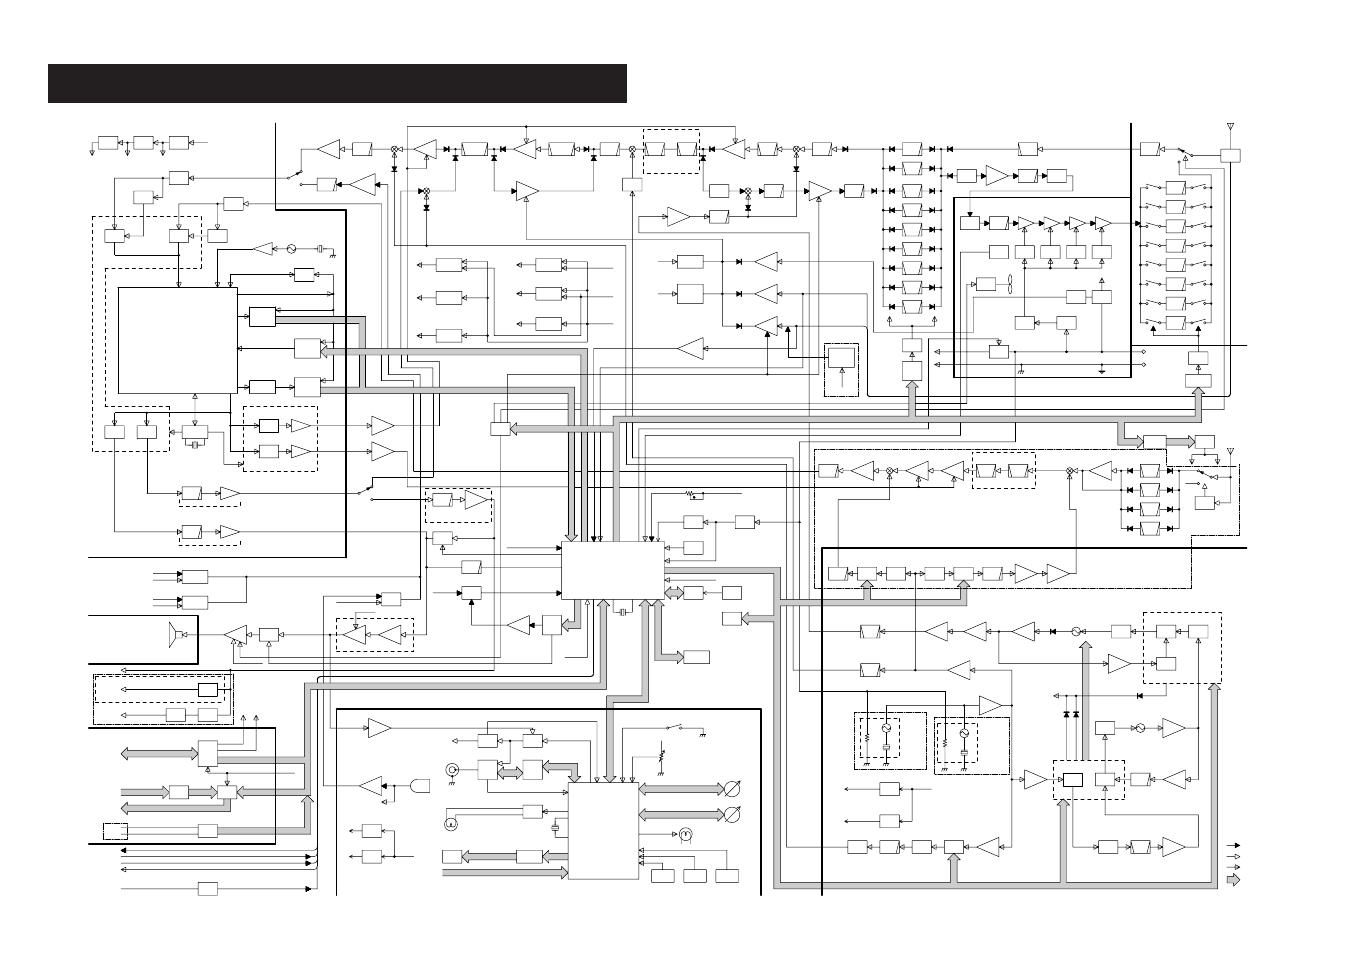 5 Pin Dmx Pinout Rj45